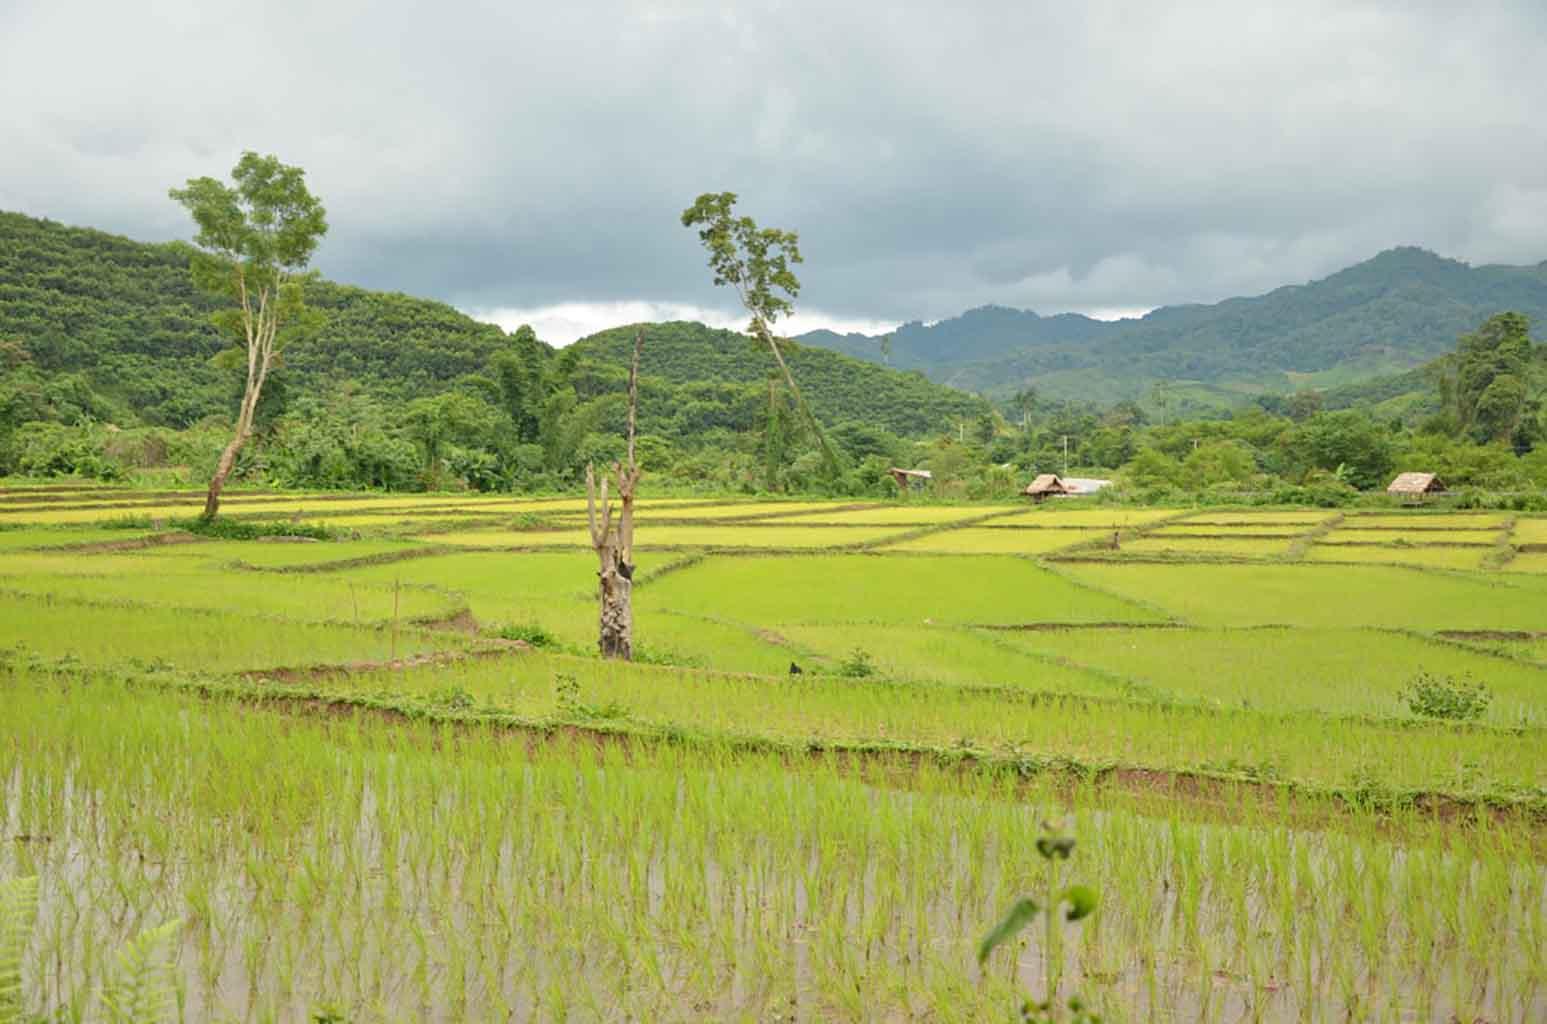 Campos de arroz. Trekking Luang Namtha